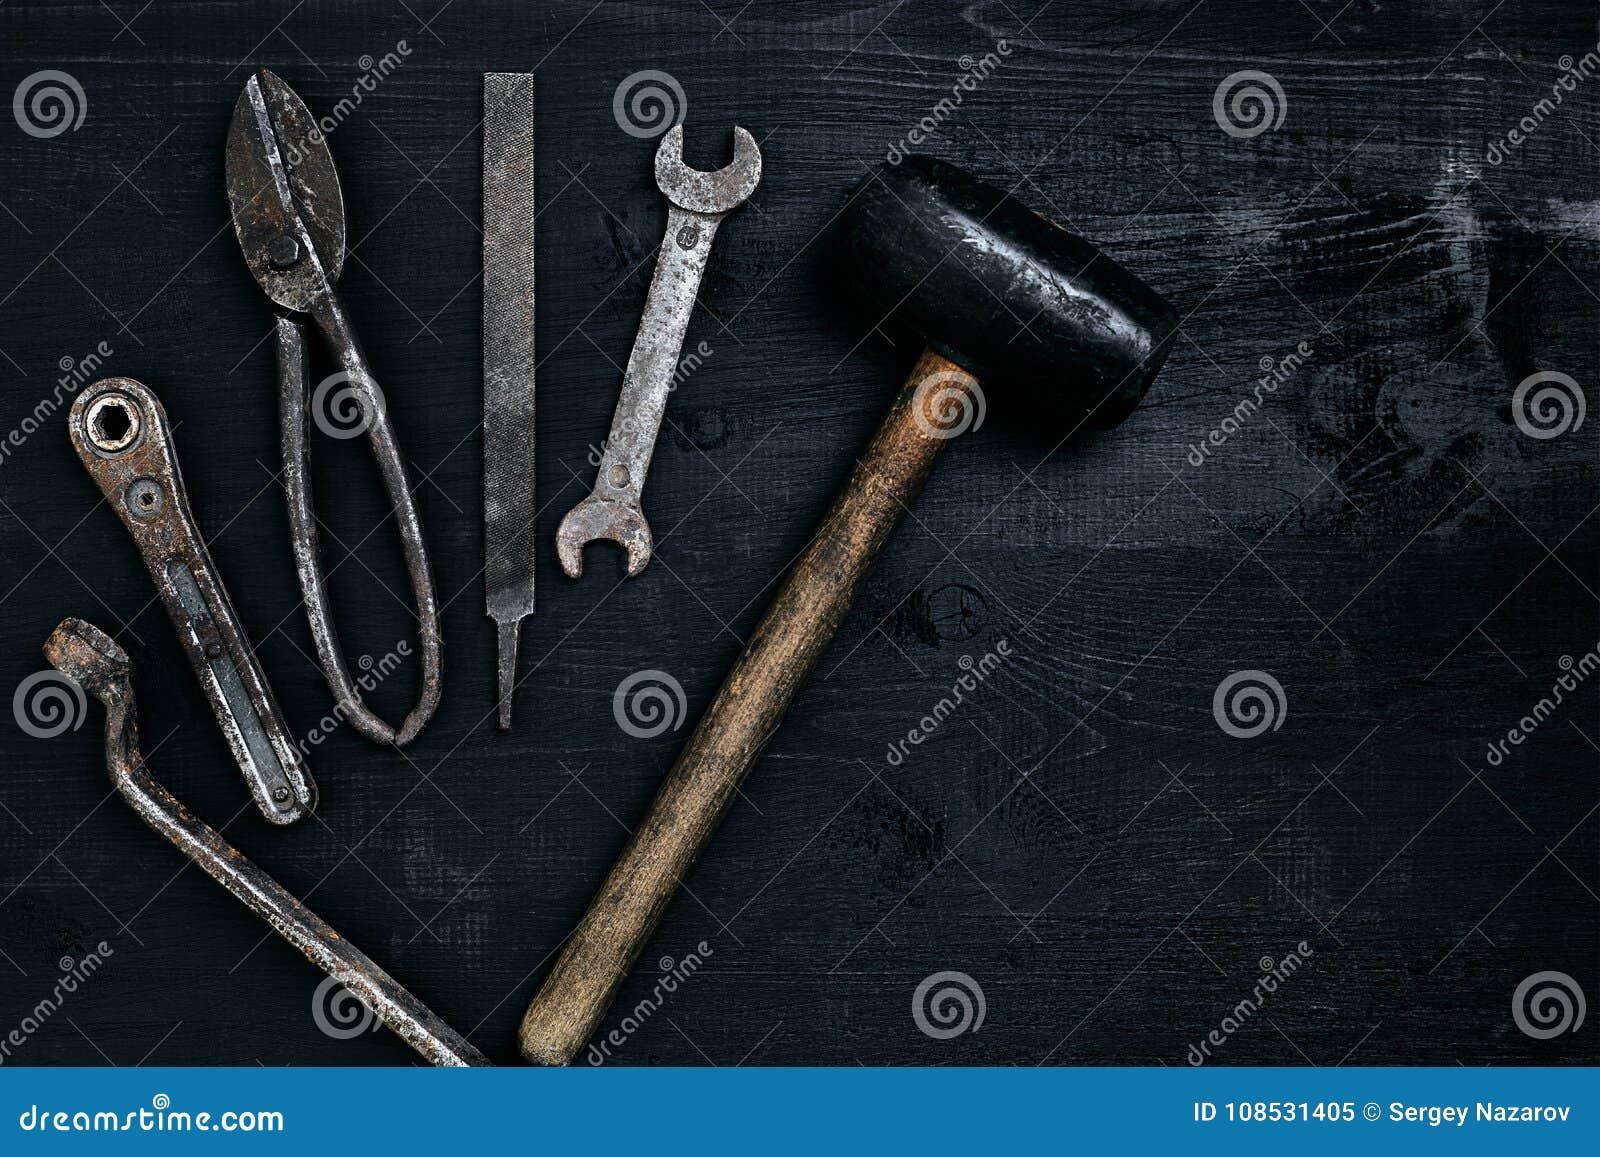 Παλαιά, σκουριασμένα εργαλεία που βρίσκονται σε έναν μαύρο ξύλινο πίνακα Σφυρί, σμίλη, ψαλίδι μετάλλων, γαλλικό κλειδί